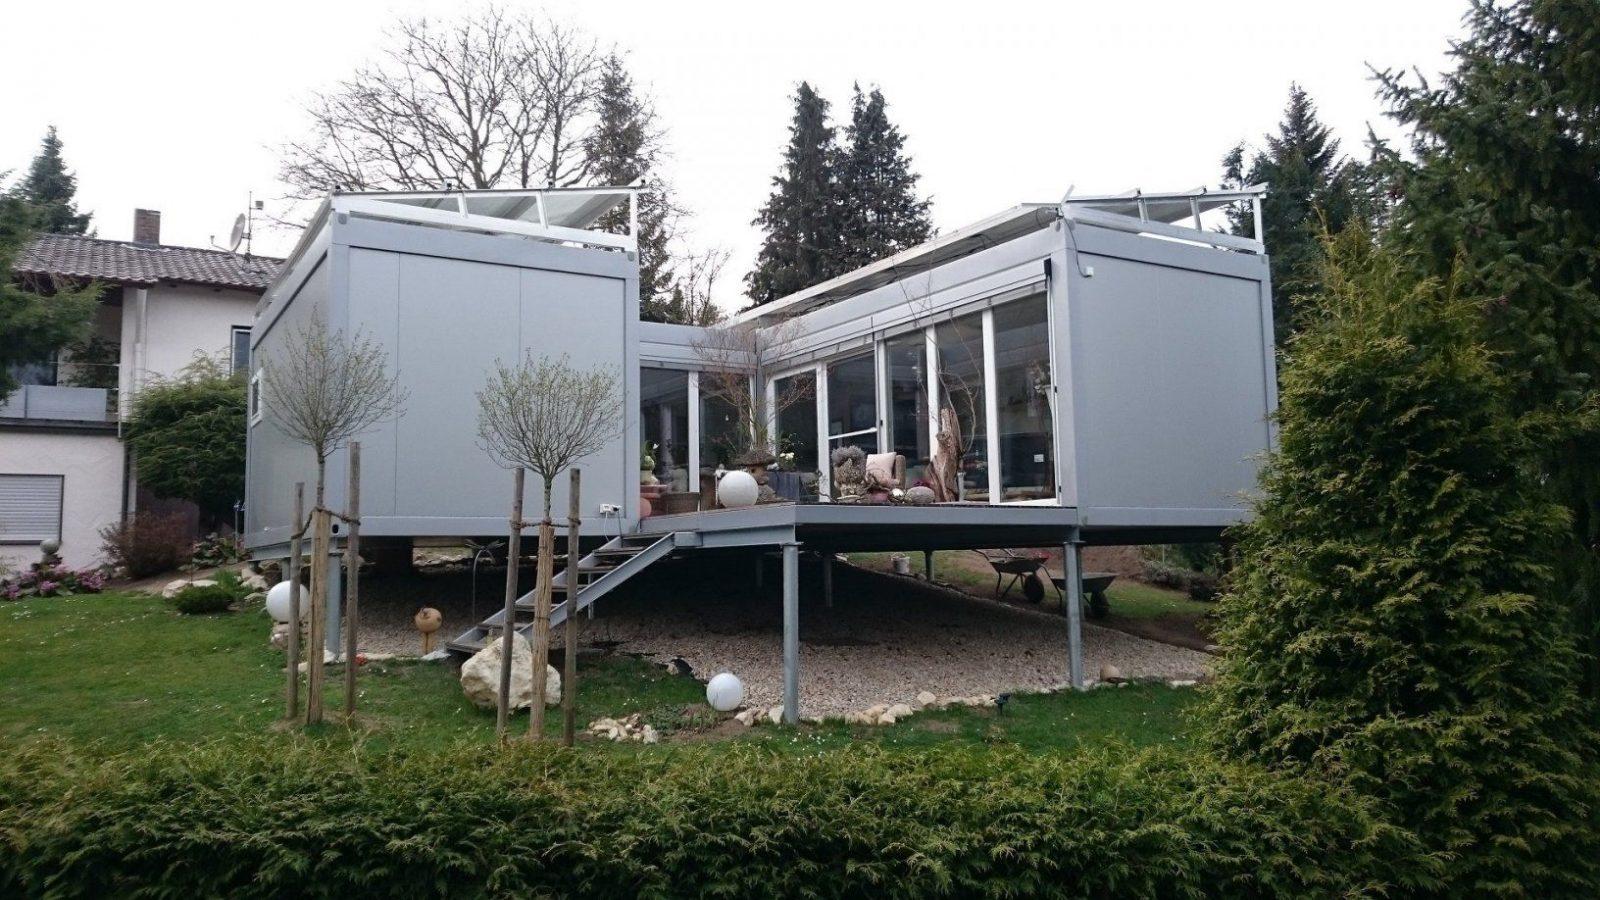 Schöne Containerhaus In Deutschland – Cblonline von Containerhaus In Deutschland Erlaubt Photo